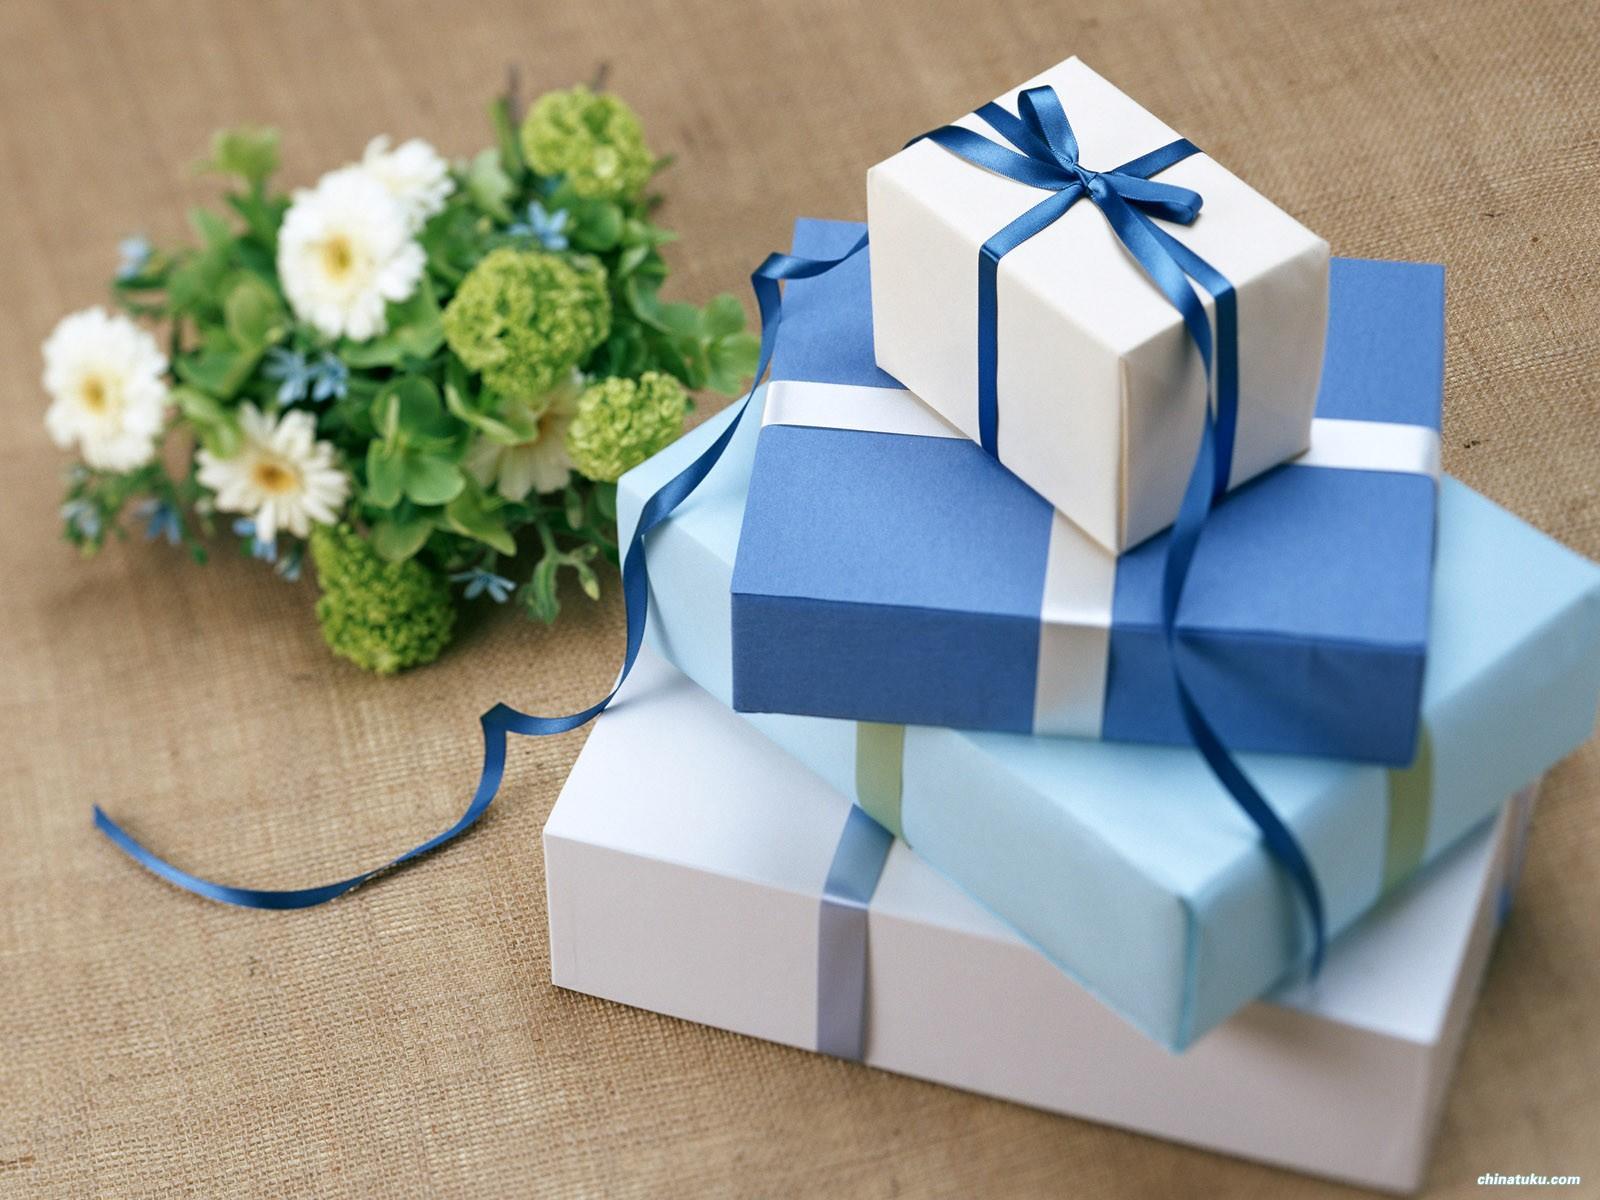 Tổng hợp những hộp quà ngày 8/3 ý nghĩa